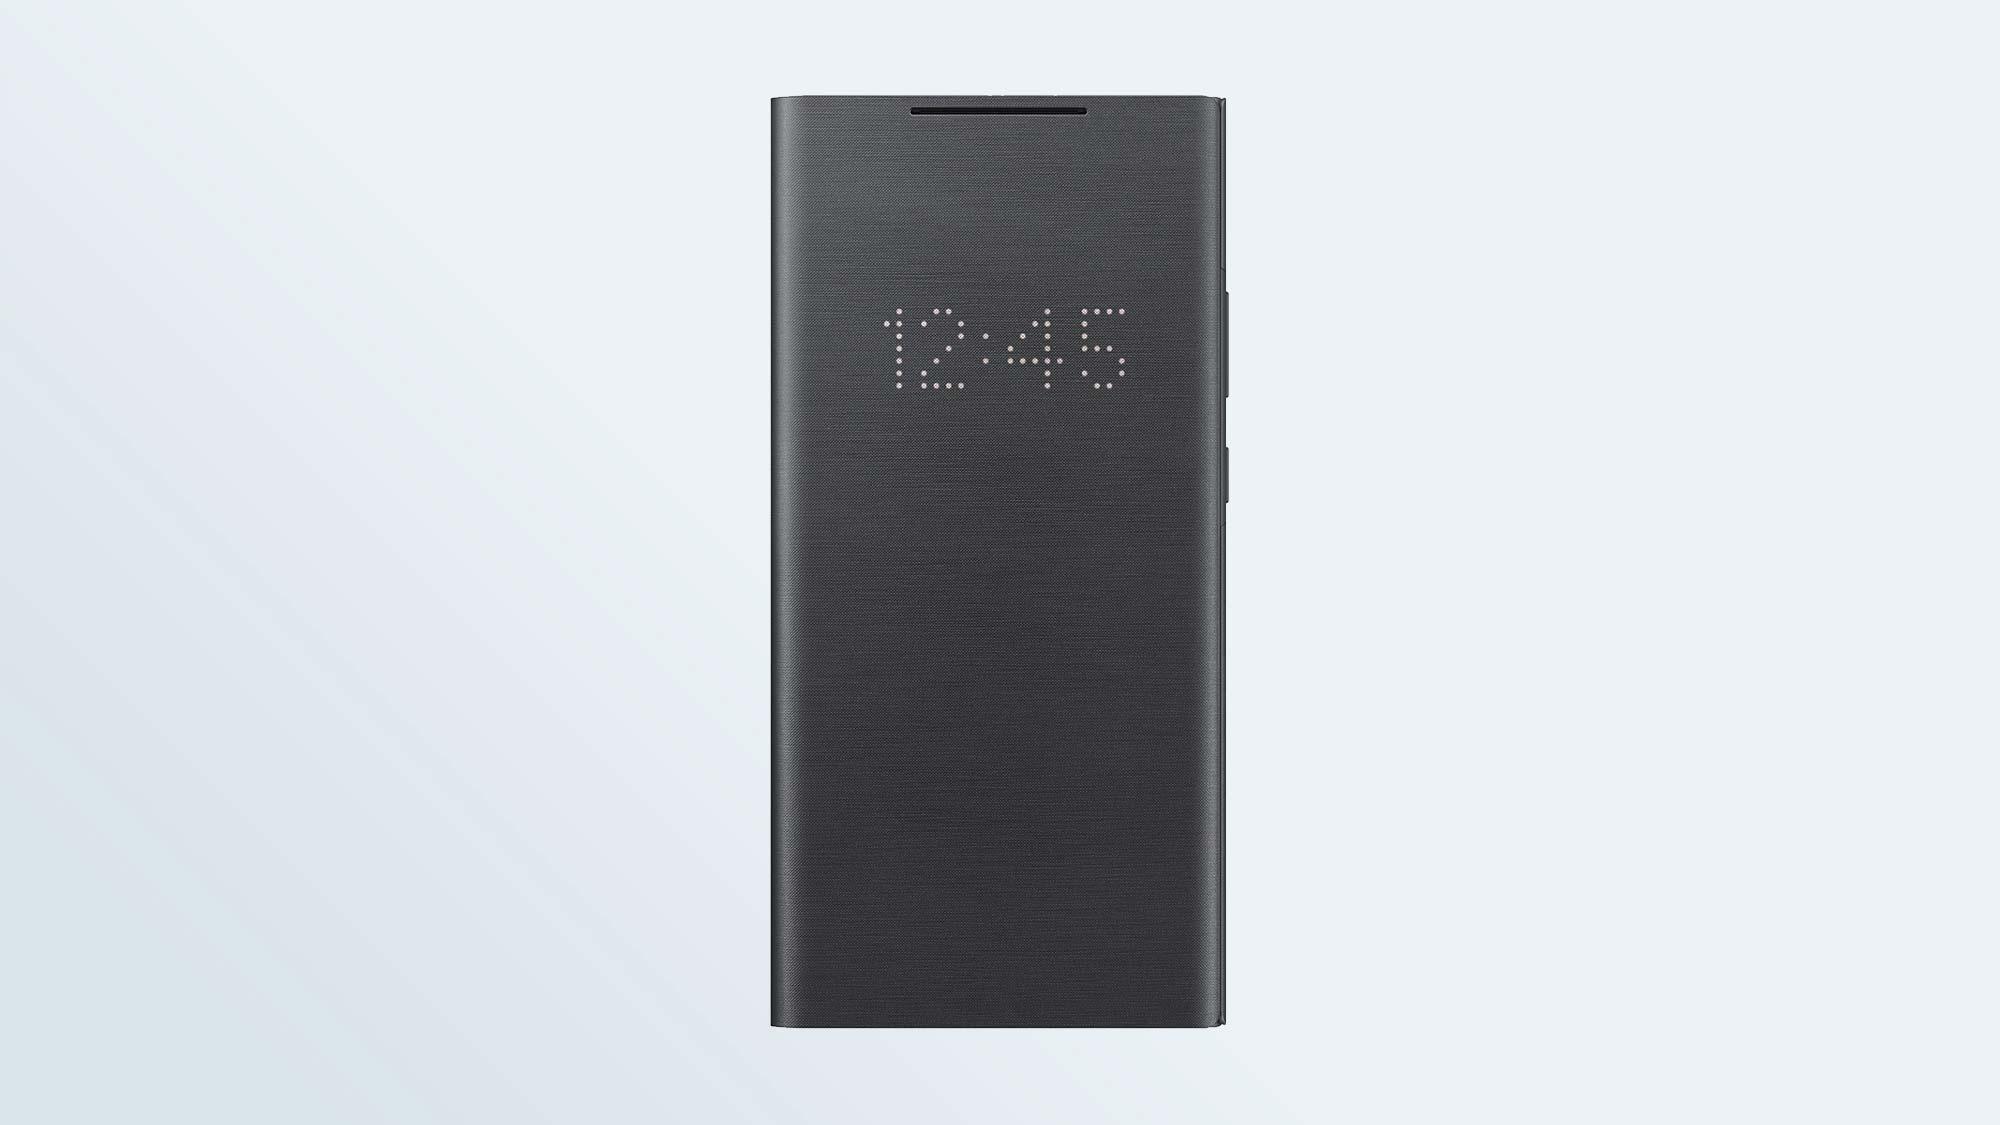 Лучшие чехлы для Samsung Galaxy Note 20: чехол-кошелек для Galaxy Note 20 Ultra 5G со светодиодной подсветкой